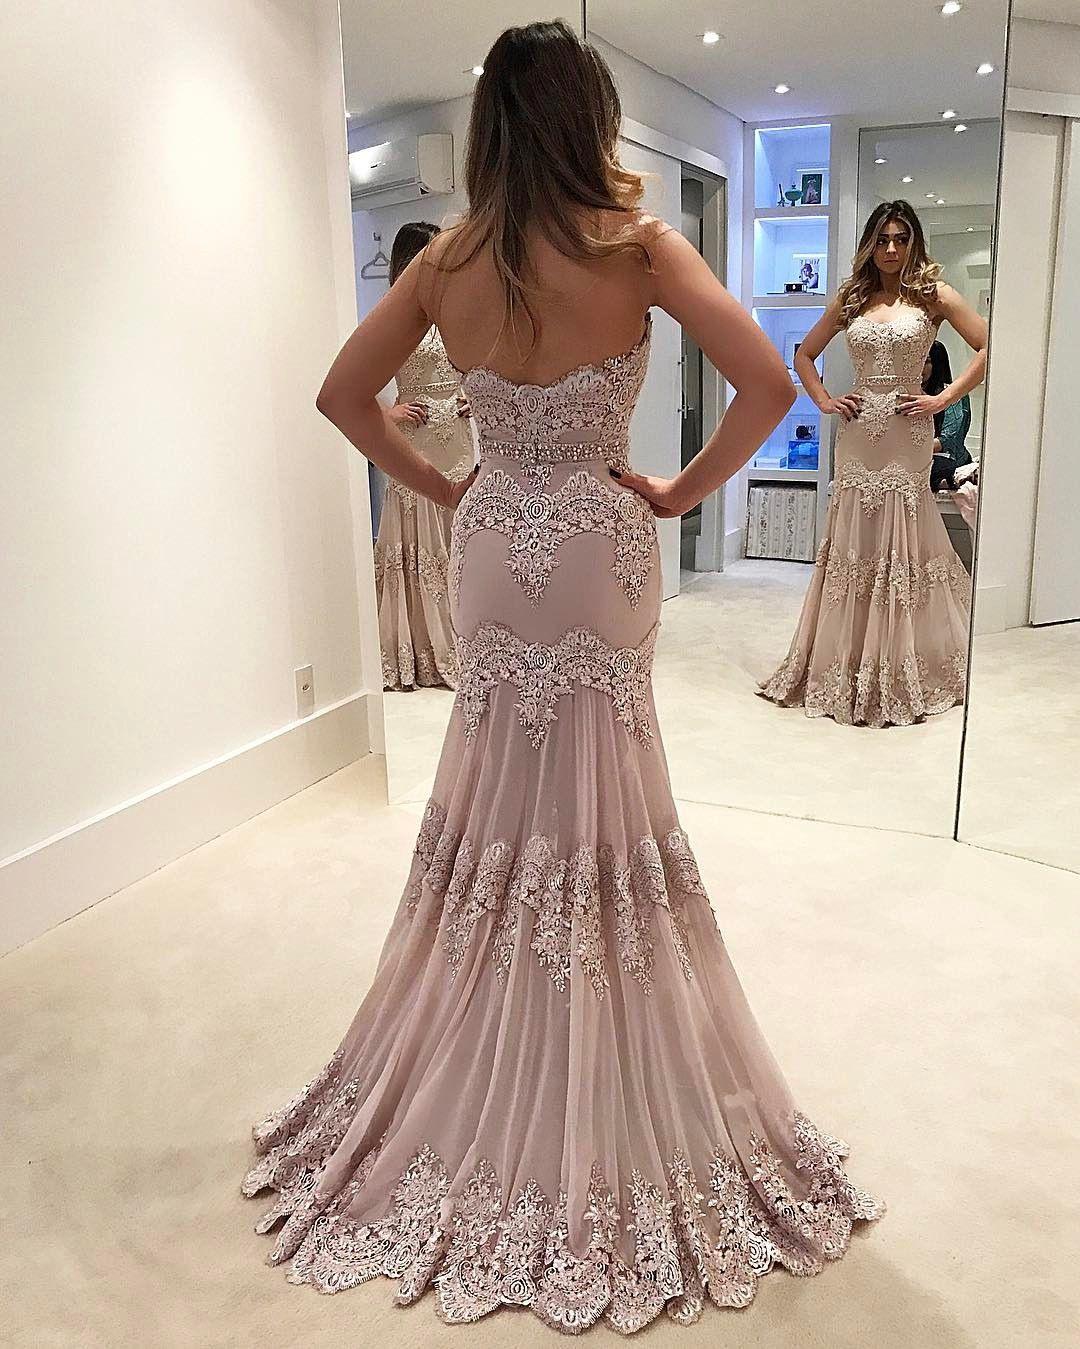 Designer Luxurius Abendkleider Qualität VertriebAbend Perfekt Abendkleider Qualität Stylish